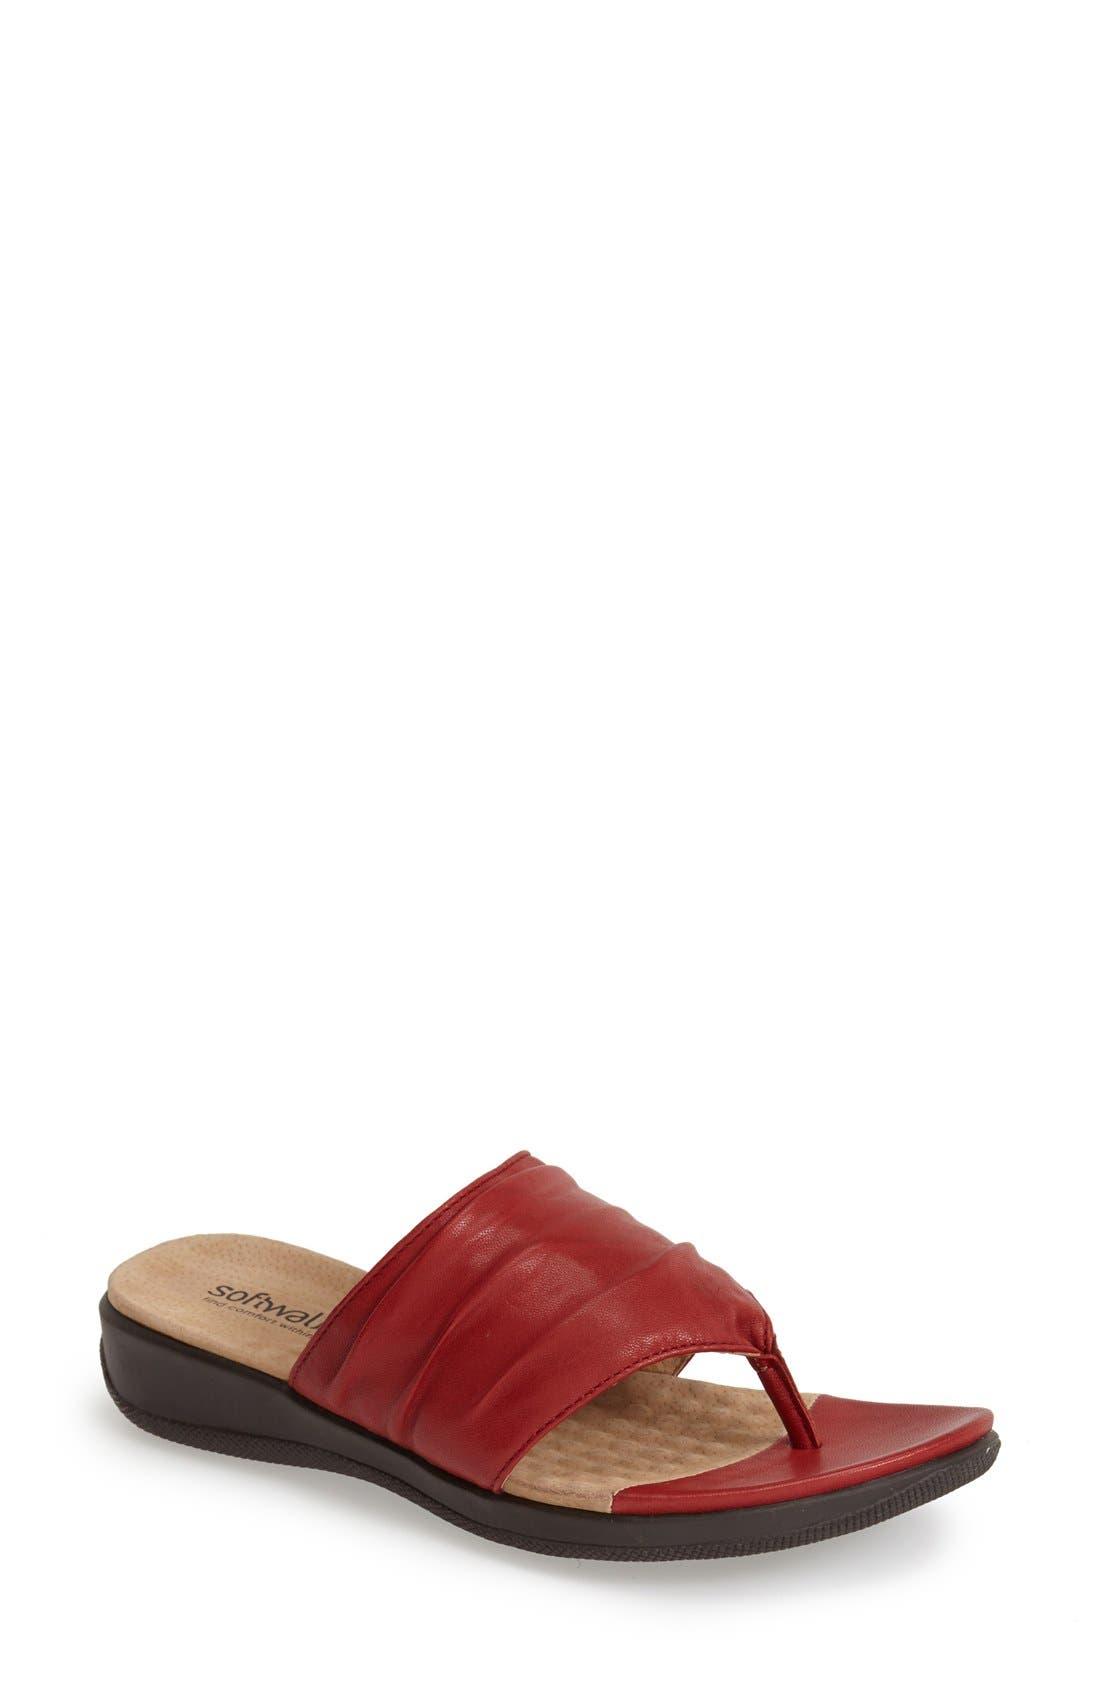 'Toma' Thong Sandal,                             Main thumbnail 7, color,